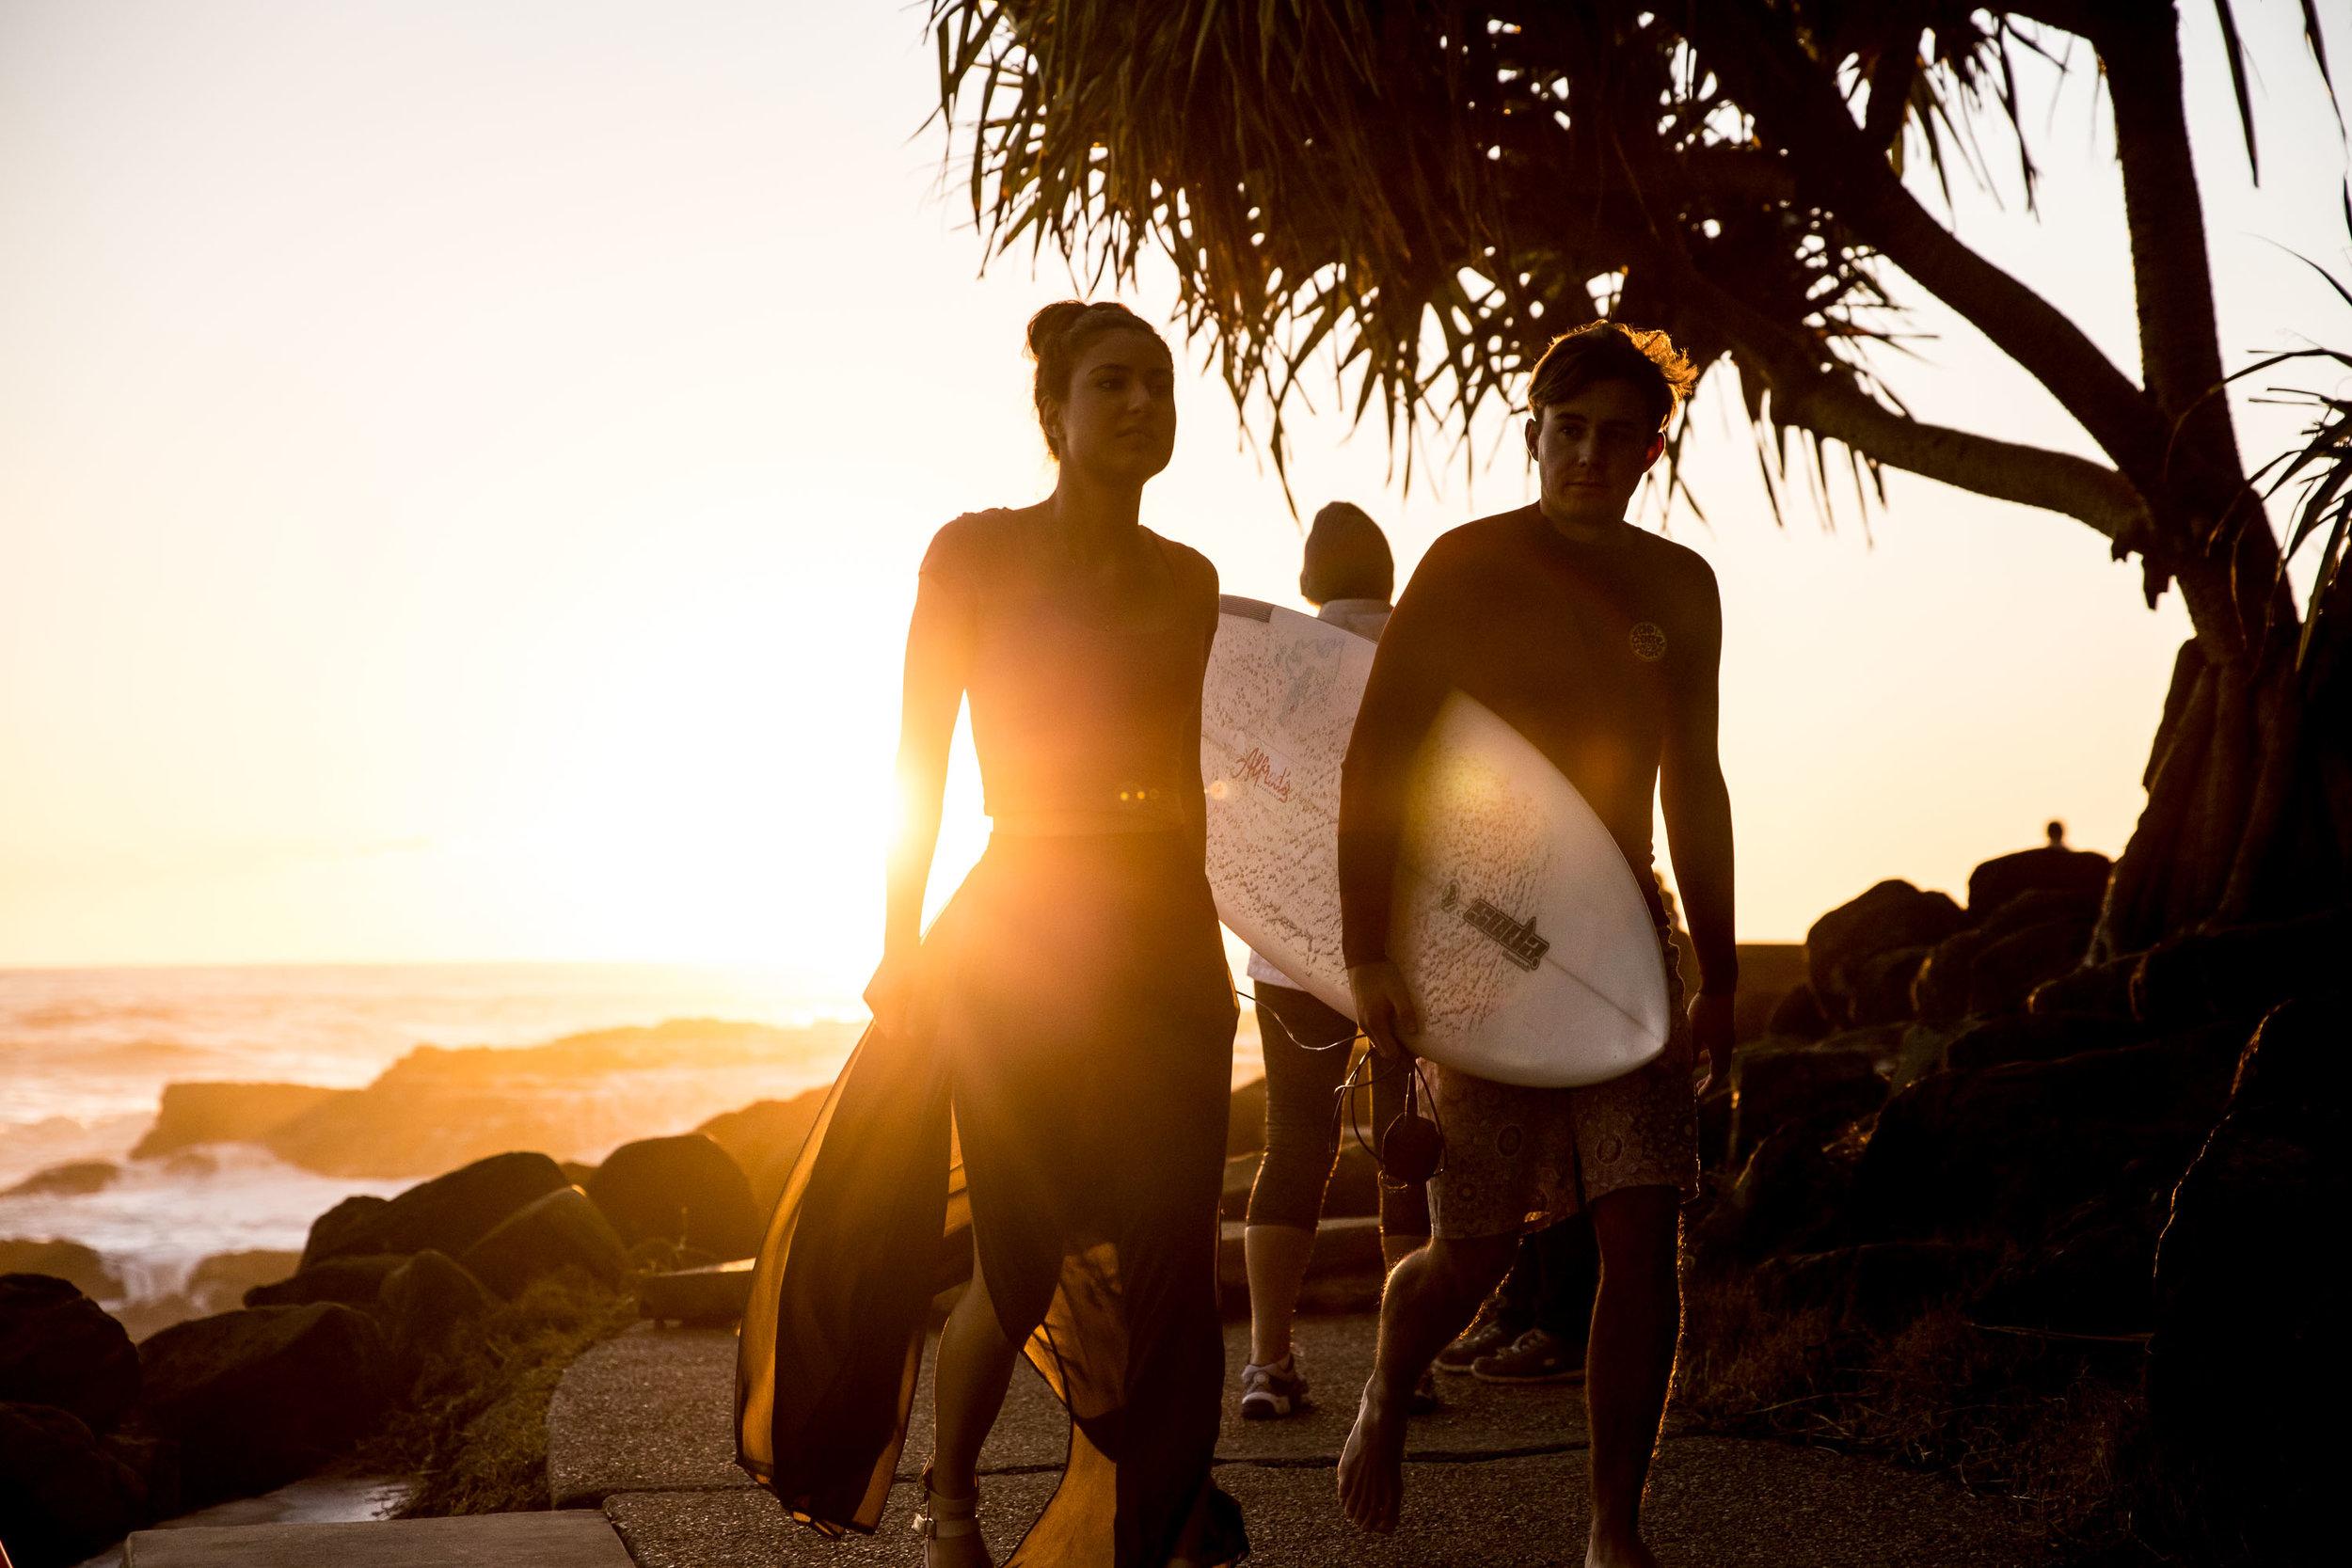 surfing-d4-flifestyle-30.jpg